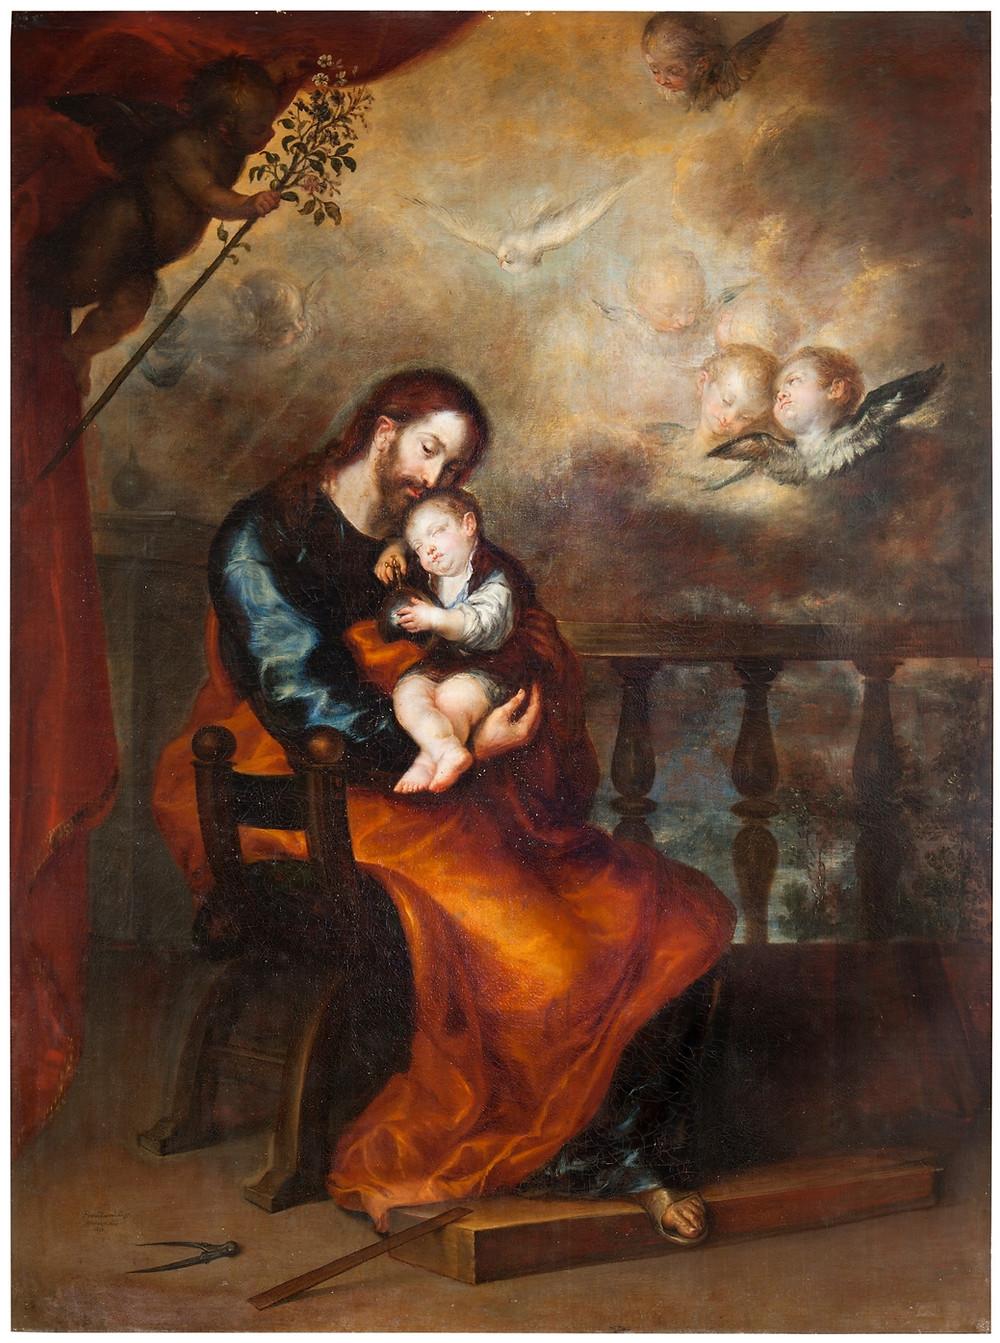 San José con el Niño dormido en brazos. Camilo, Francisco Madrid,1615-1673. Prado.